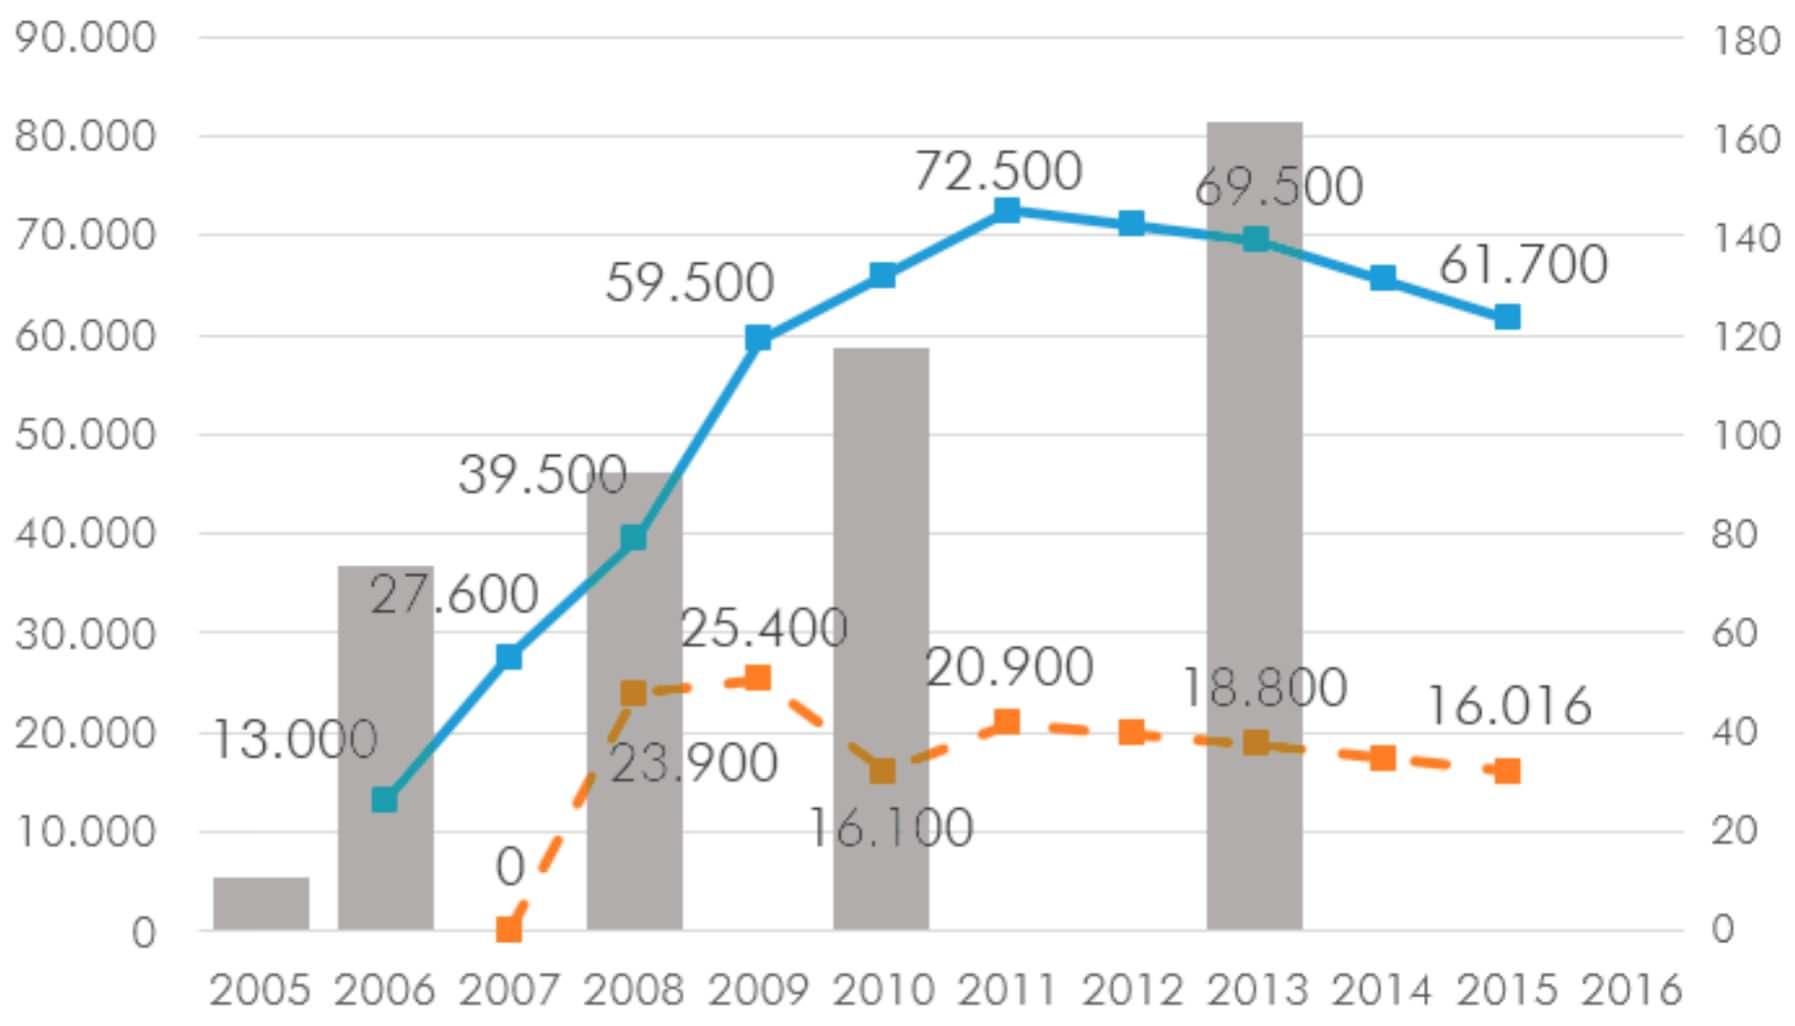 Sevilla 2006 bis 2015 Radverkehrsaufkommen Zahl der mit dem Fahrrad zurückgelegten Wege